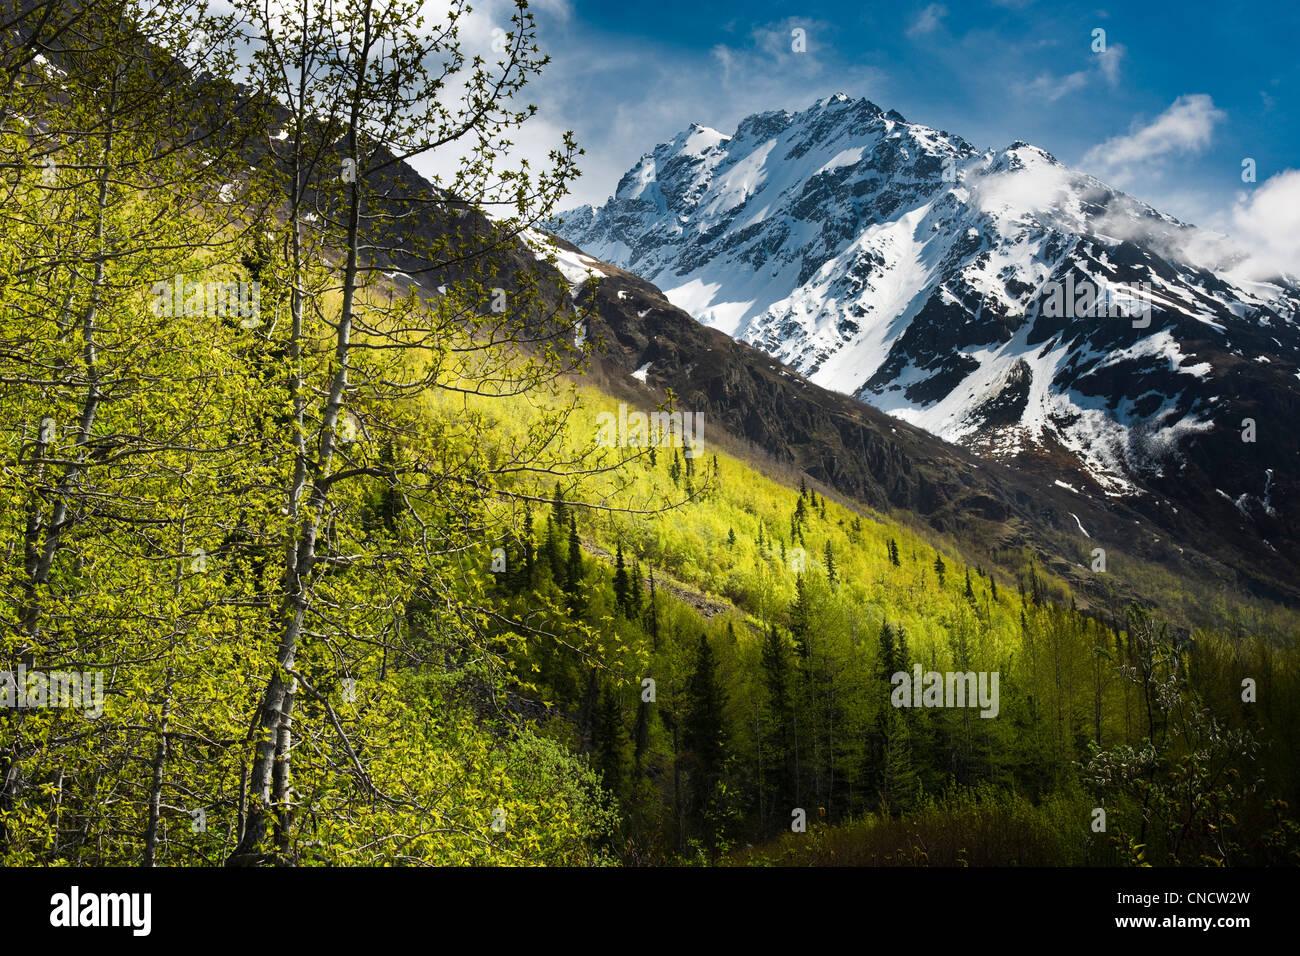 Vue panoramique de feuillage de printemps vert vif avec Pic Scirpe en arrière-plan, parc d'état de Photo Stock